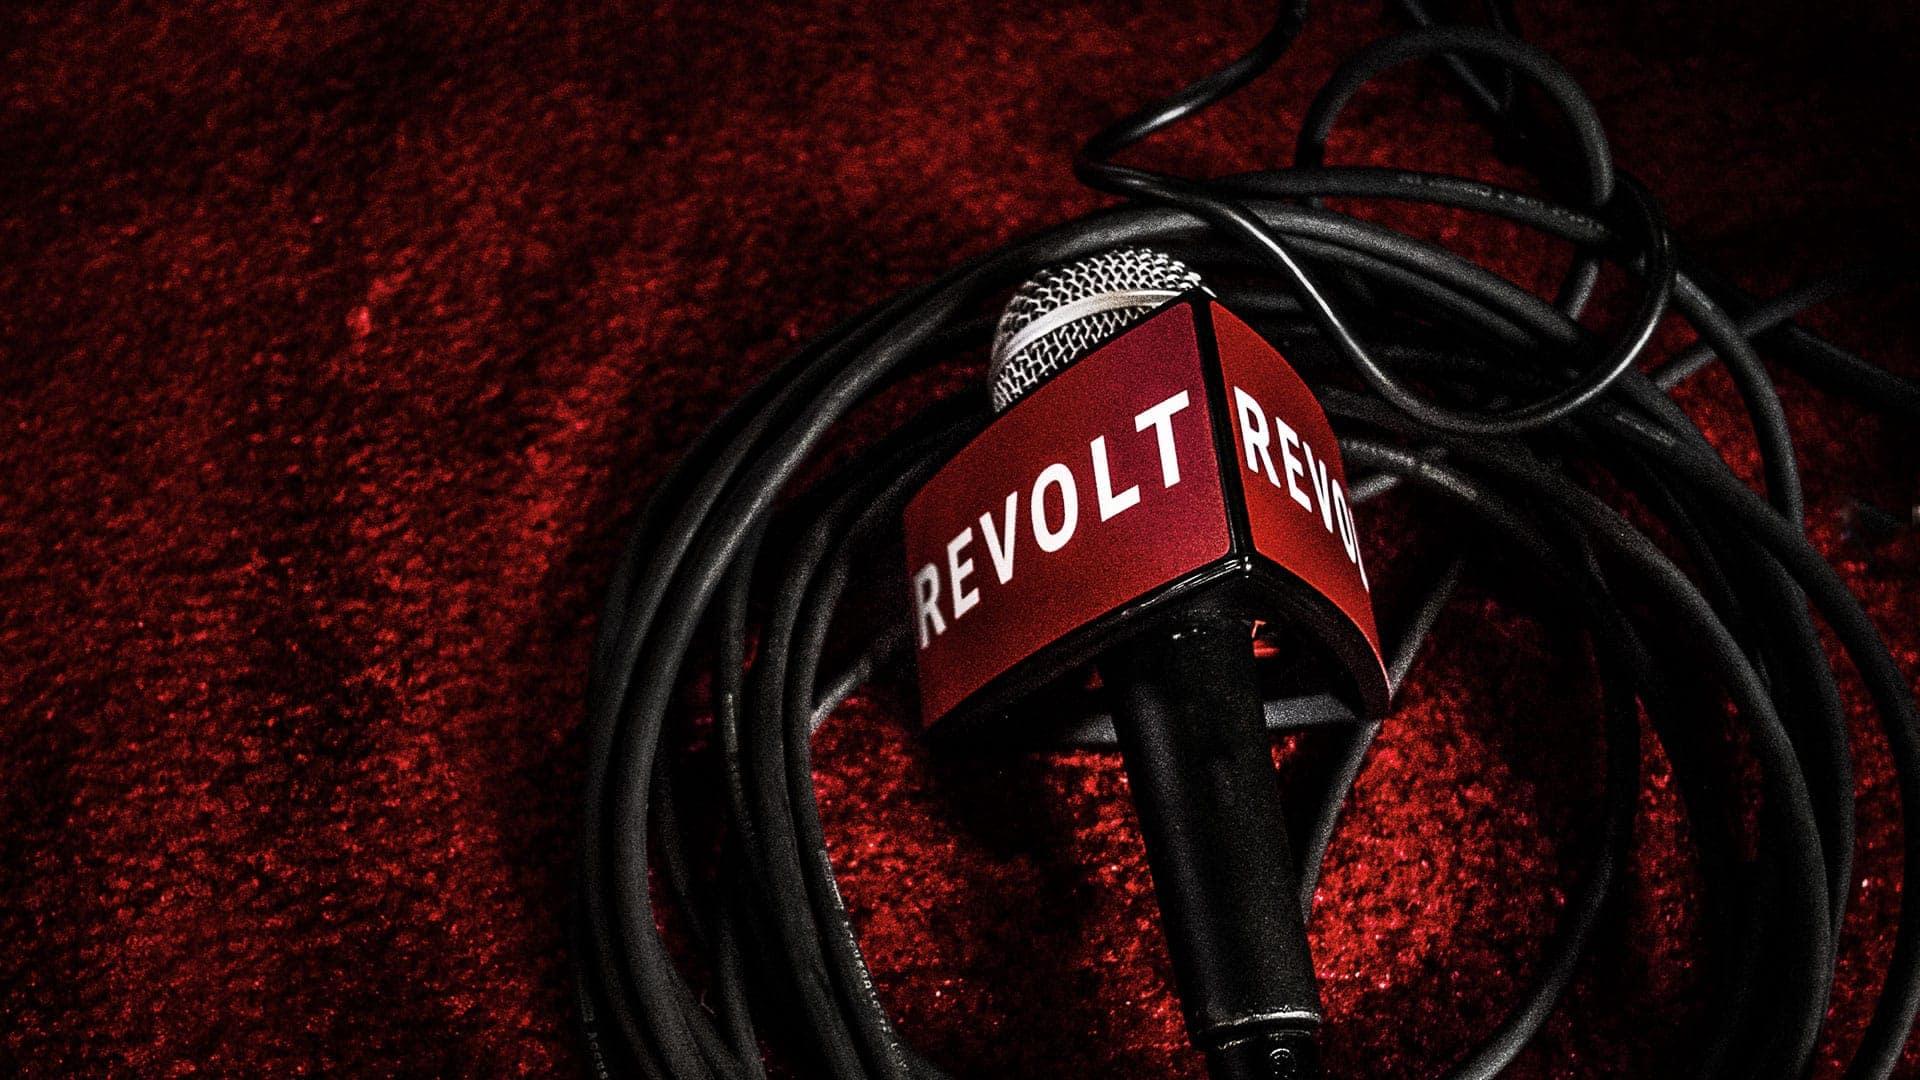 revolt-tv-fma